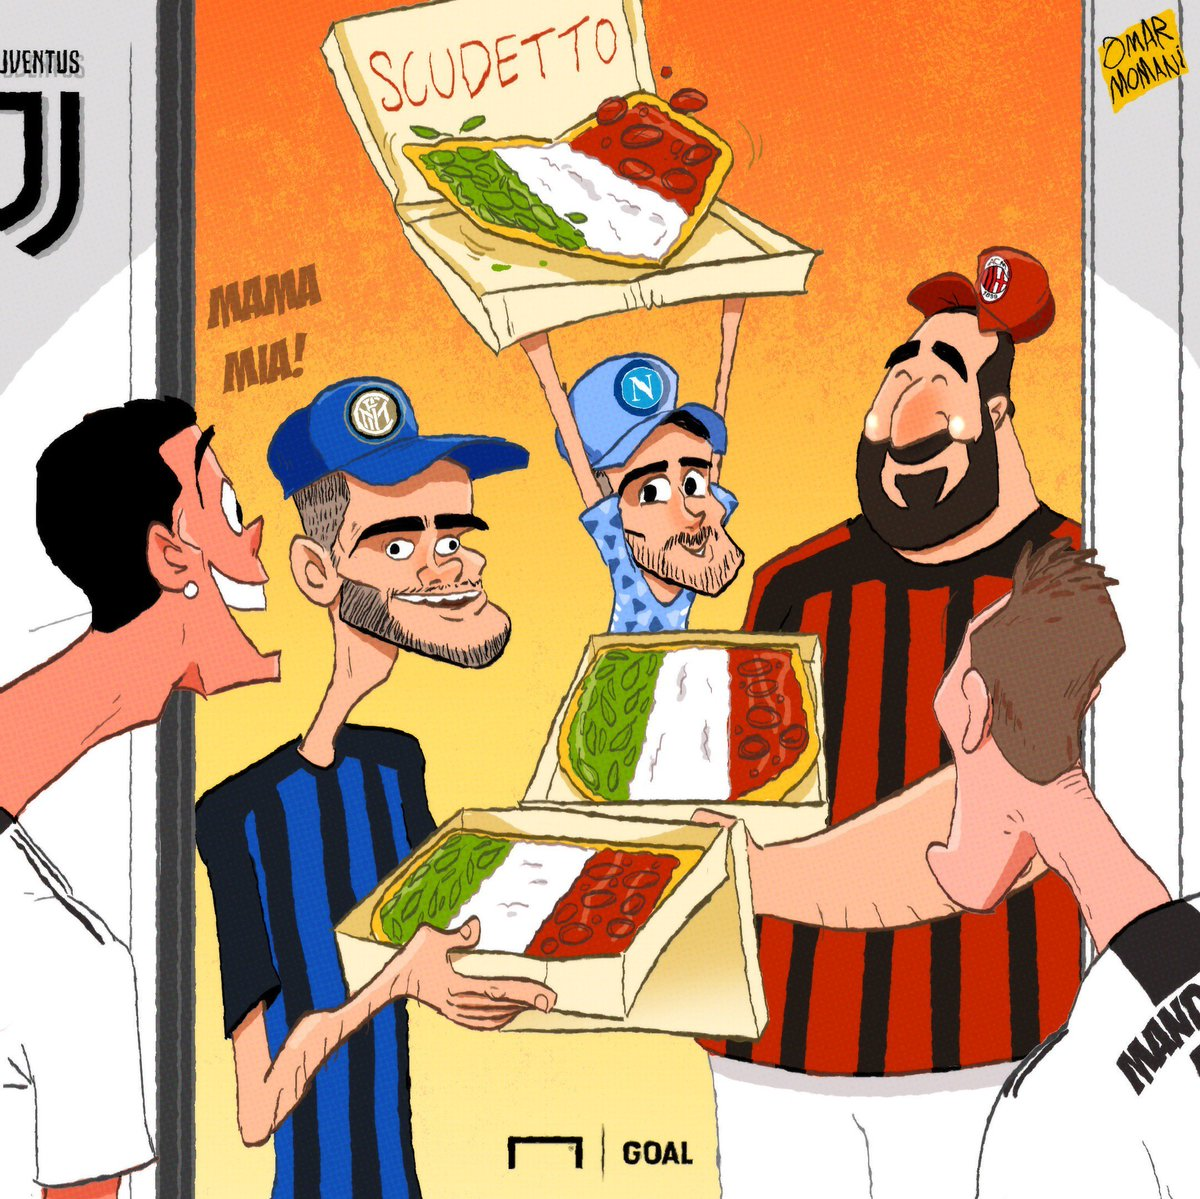 کارتون  پیتزا اسکودتو برای یووه